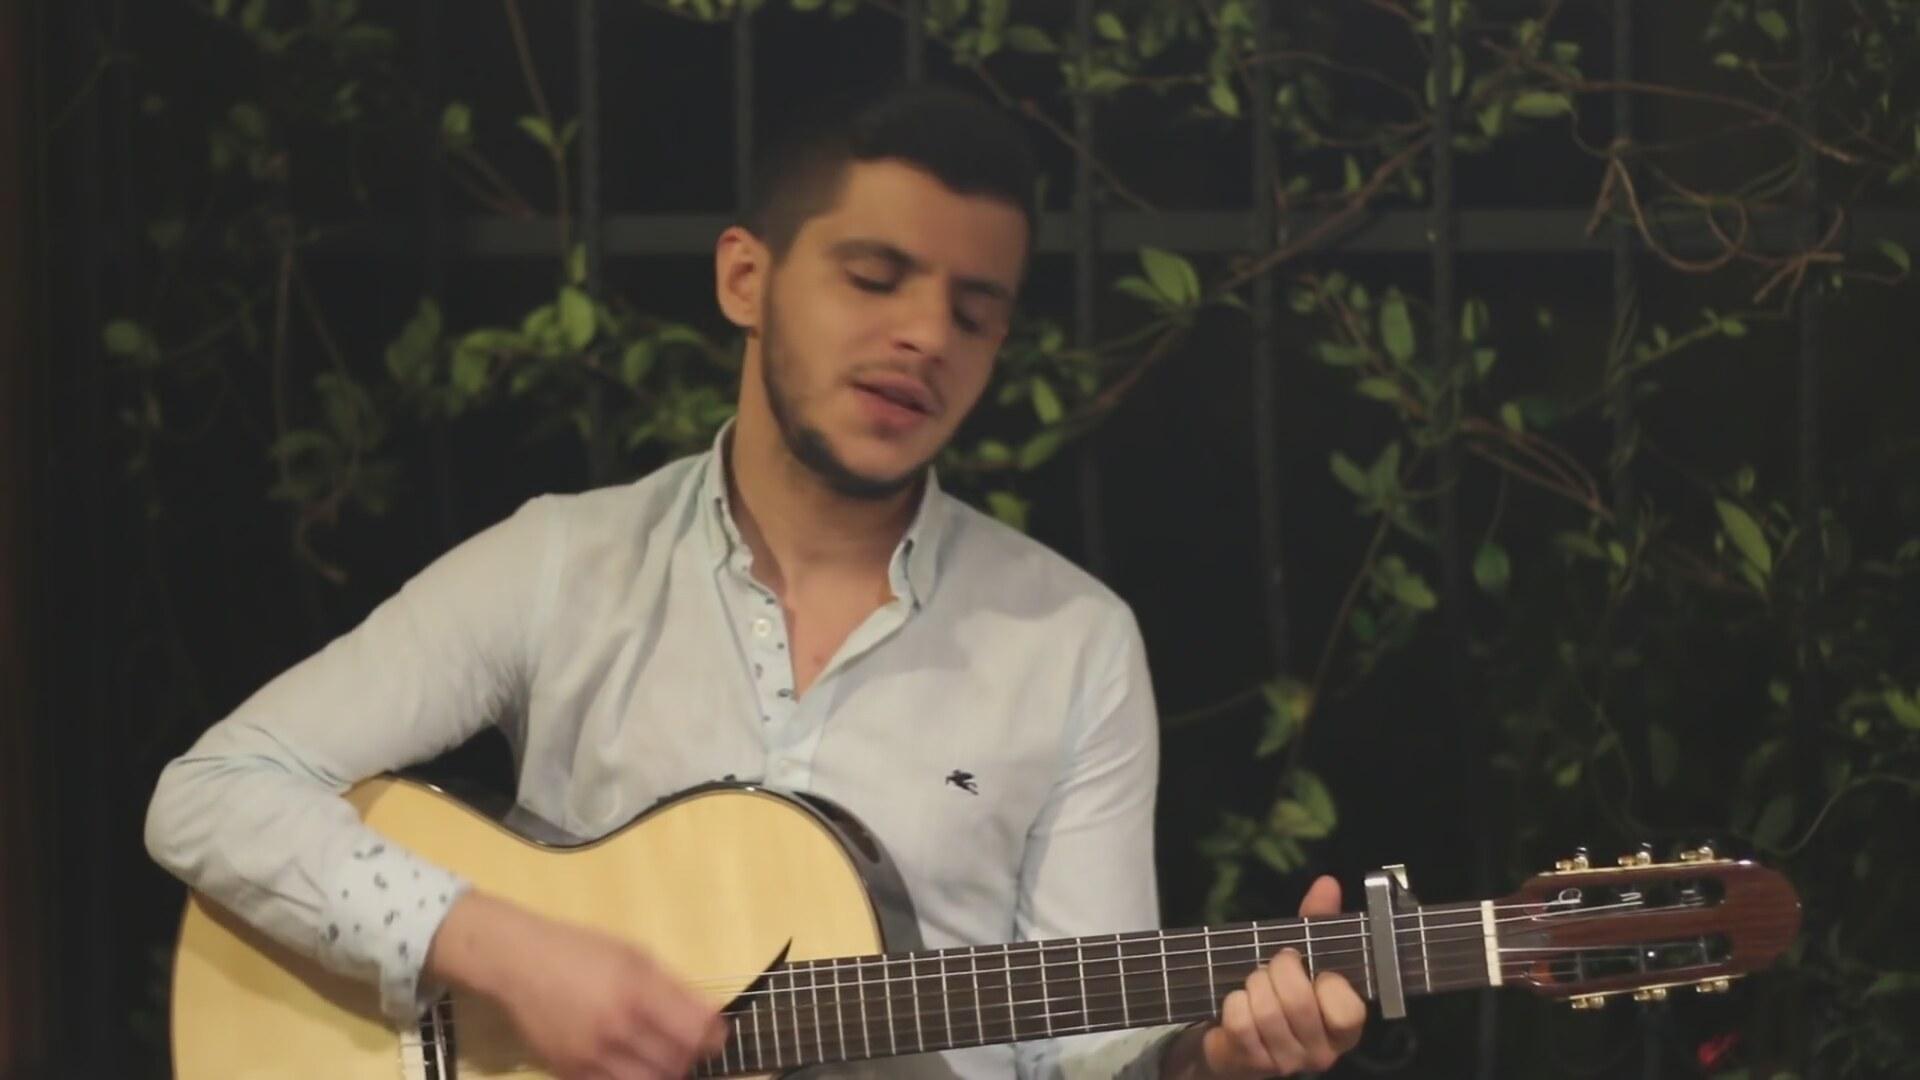 دانلود آهنگ آذربایجانی bilal sonses بنام helal etmiyorum